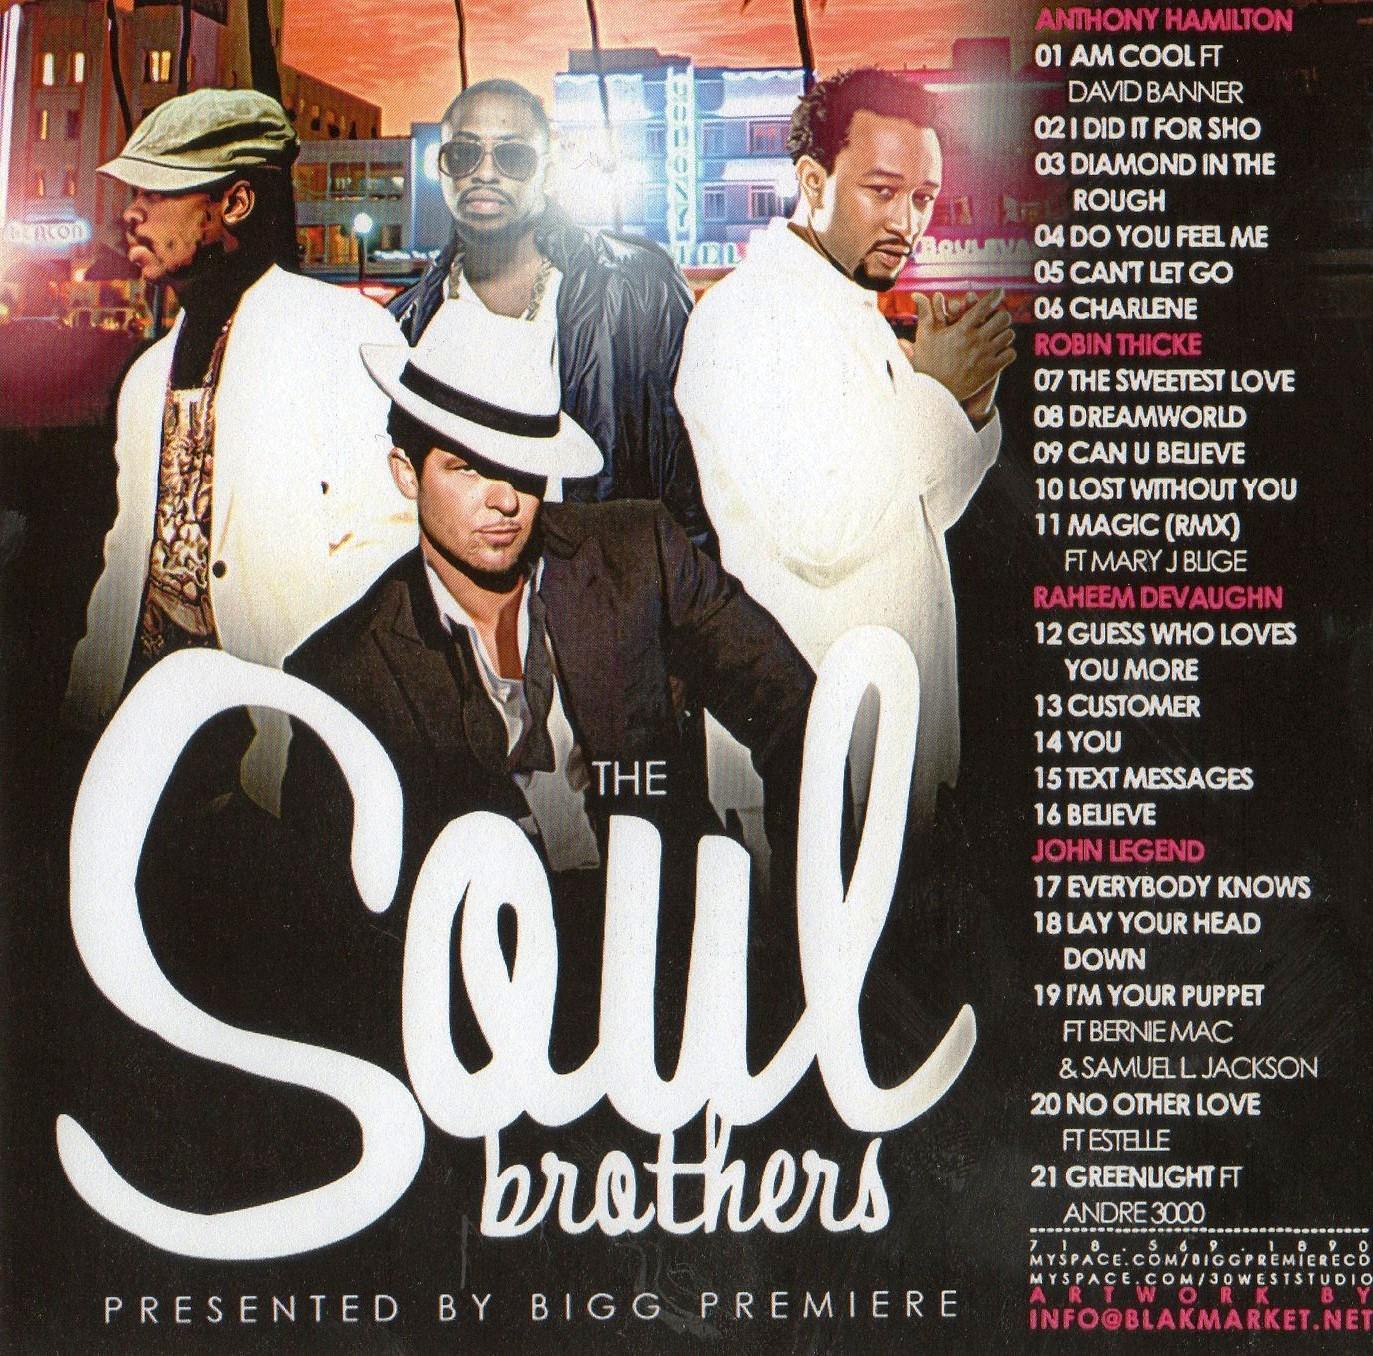 http://4.bp.blogspot.com/_bjRkMjF5ysQ/SeHYMm0aVlI/AAAAAAAAI3U/6GvcoeE_0Ro/s1600/00_VA-Bigg_Premiere_Presents_the_Soul_Brothers-2009.jpg